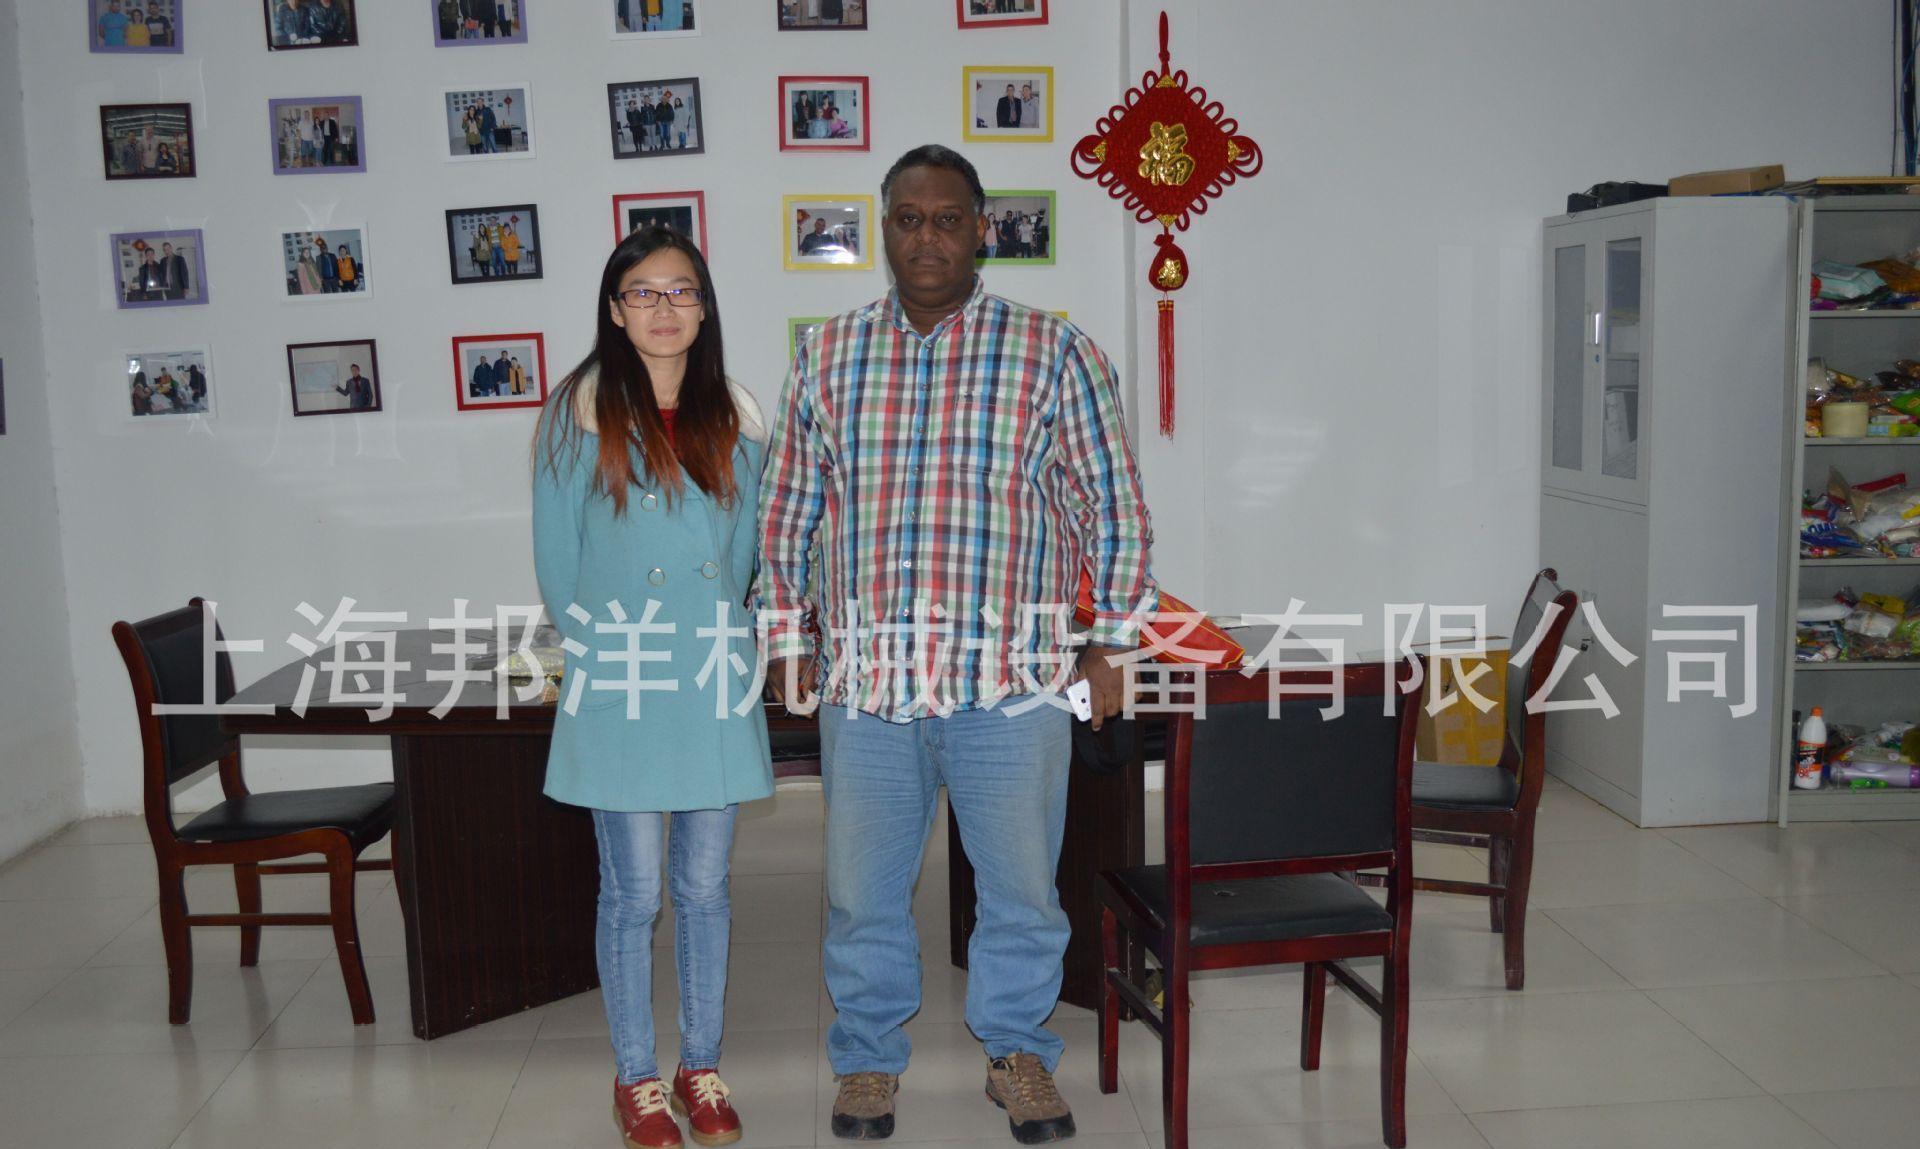 【上海厂家v厂家固体绿豆饮料包装机咖啡图片长条冰淇淋的白糖图片